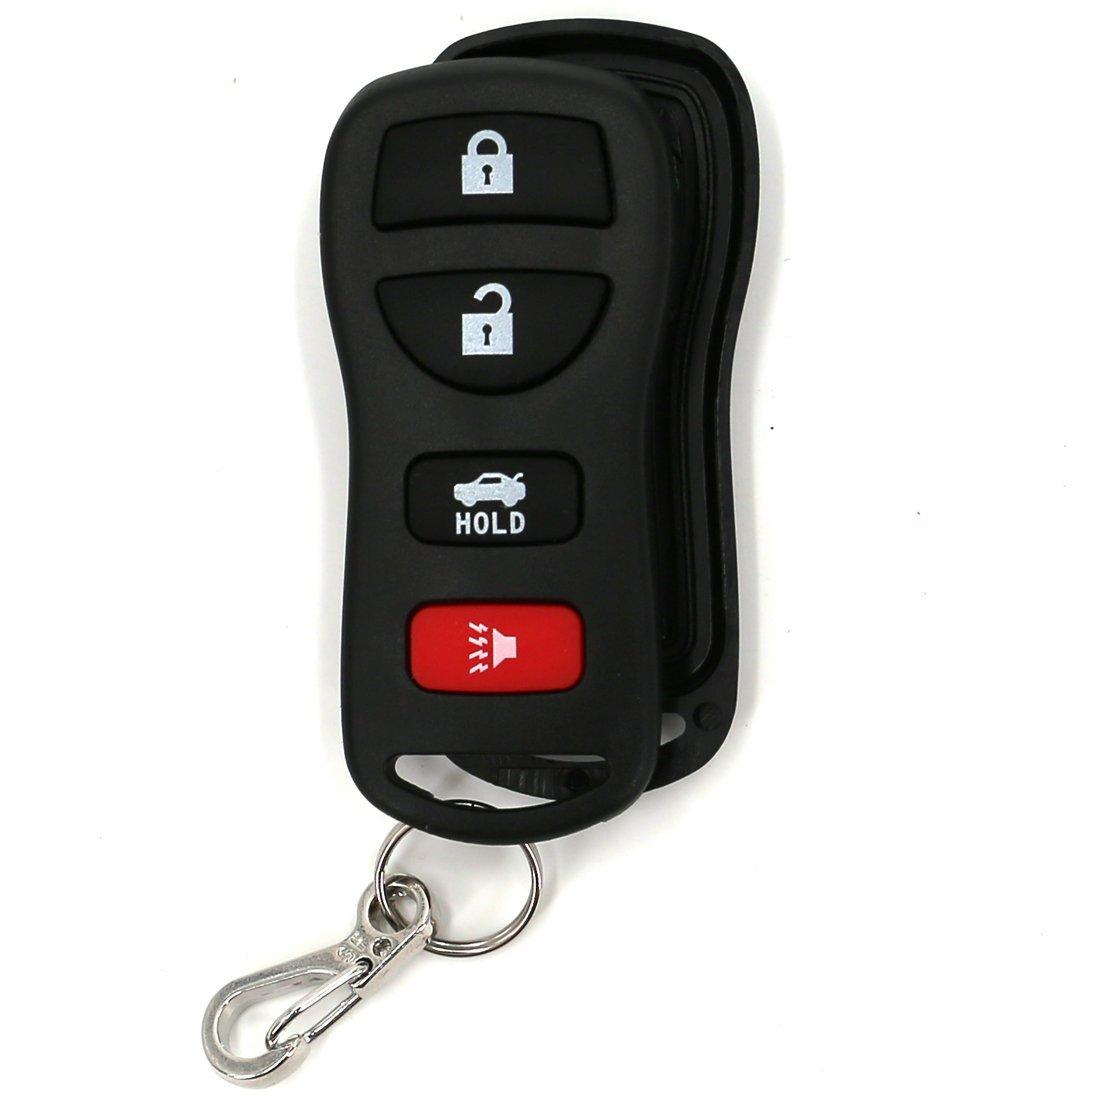 HYUNDAI Genuine 00402-21810 Key Chain